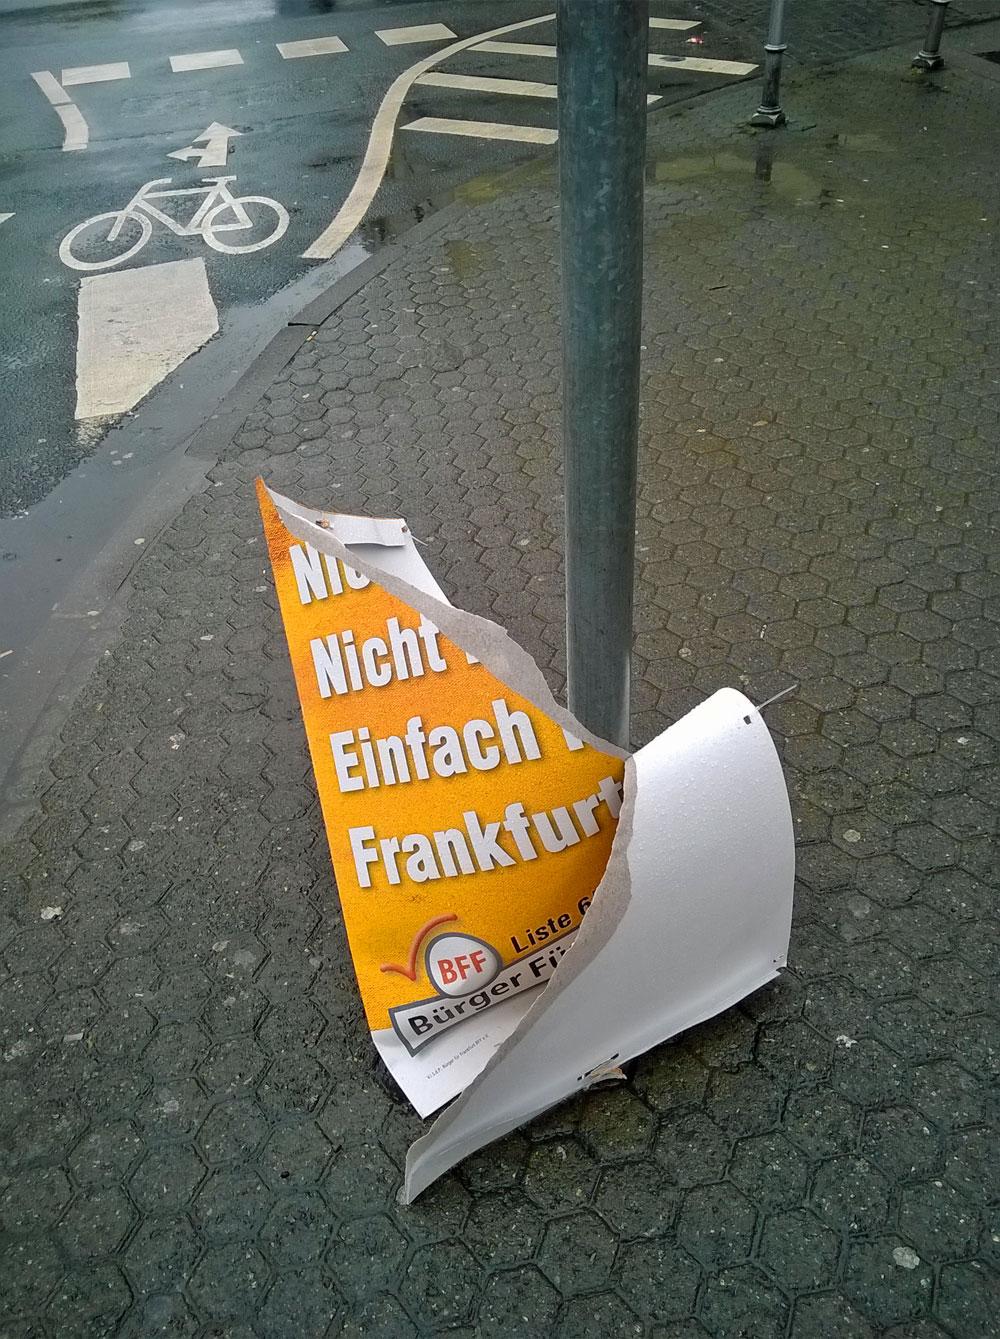 bff-buerger-fuer-frankfurt-wahl-plakat-abgerissen-berger-strasse-2